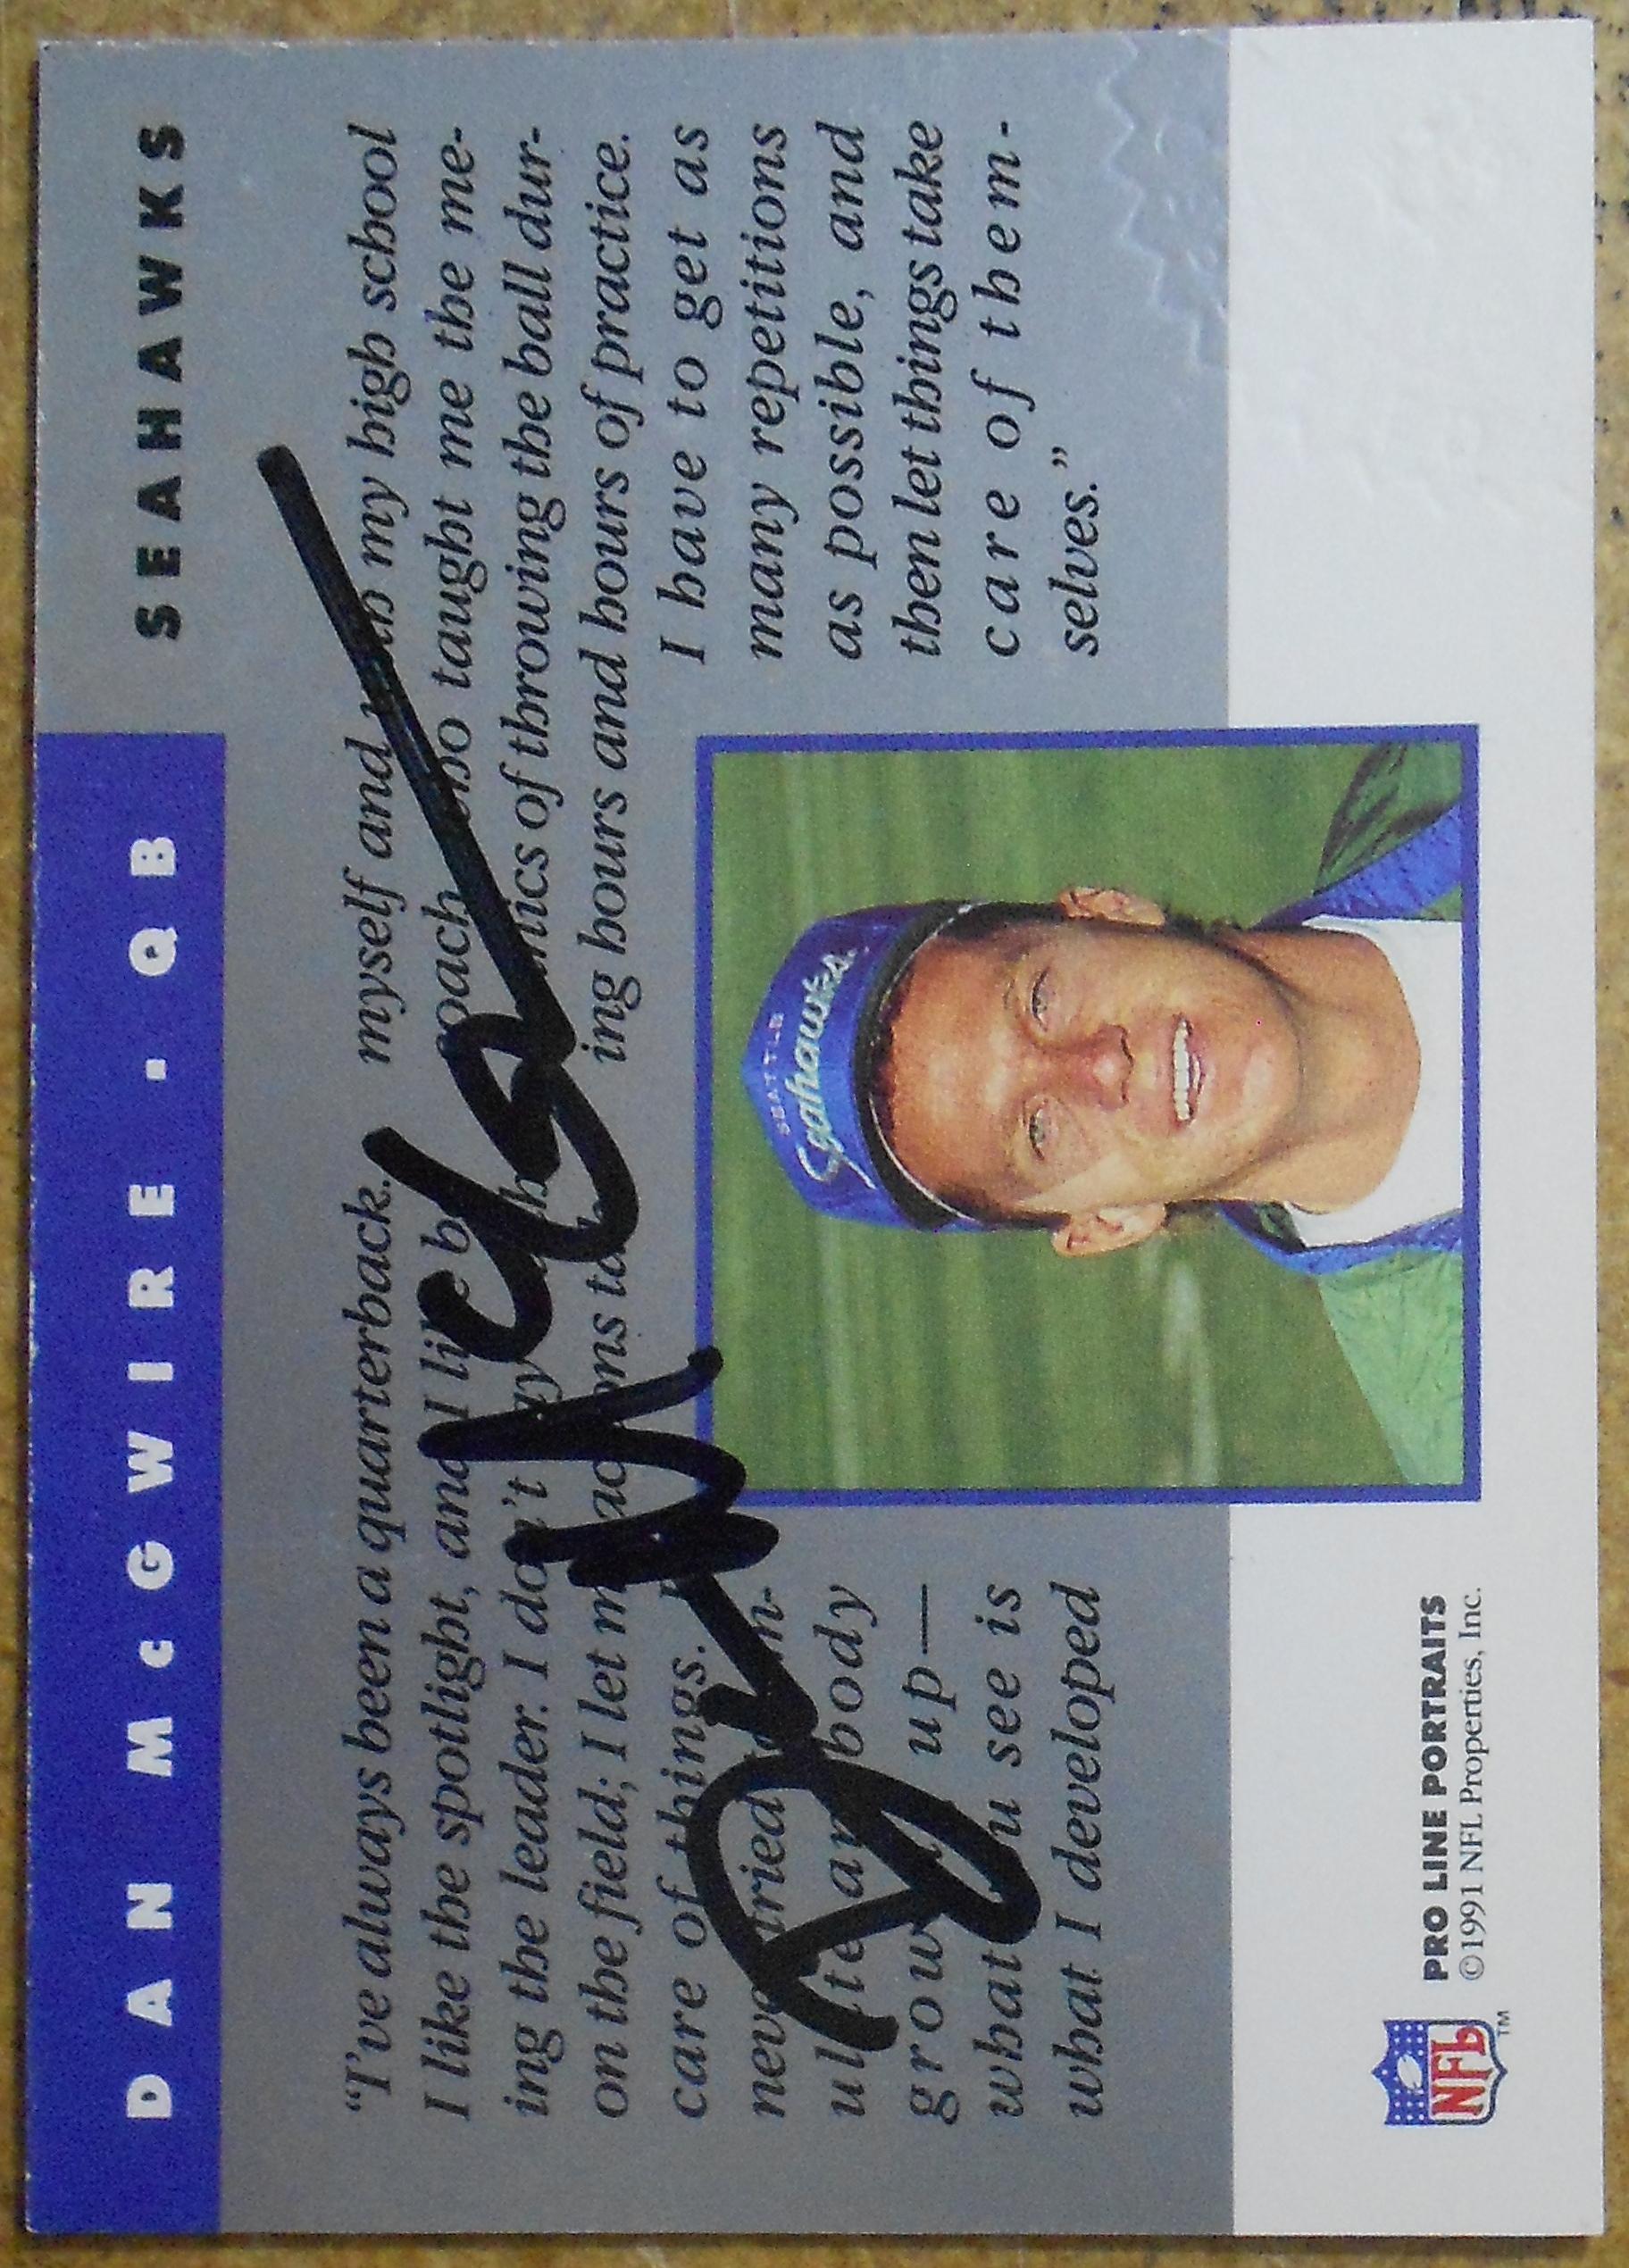 1991 Pro Line Portraits Autographs #155 Dan McGwire